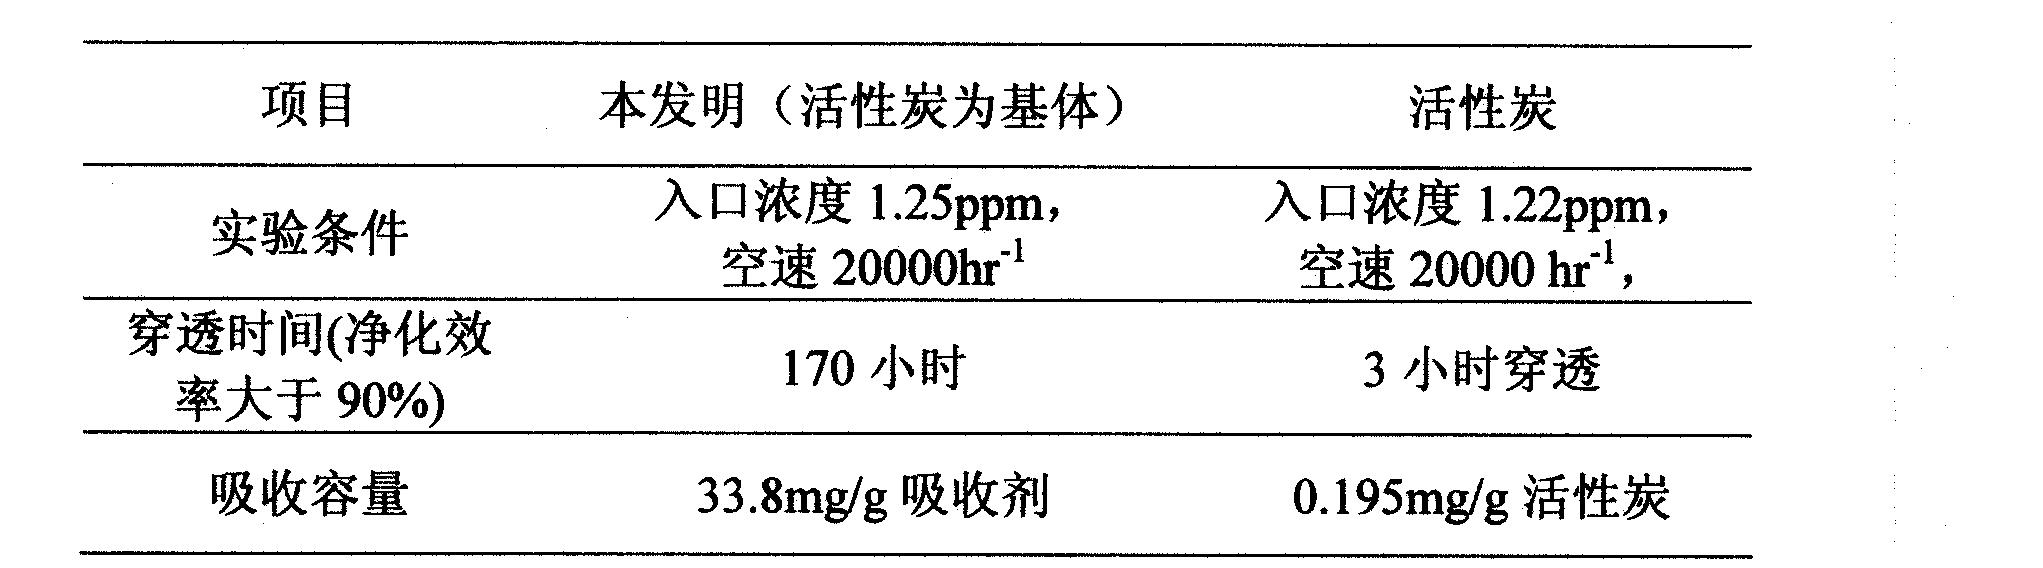 Figure CN101468305BD00041